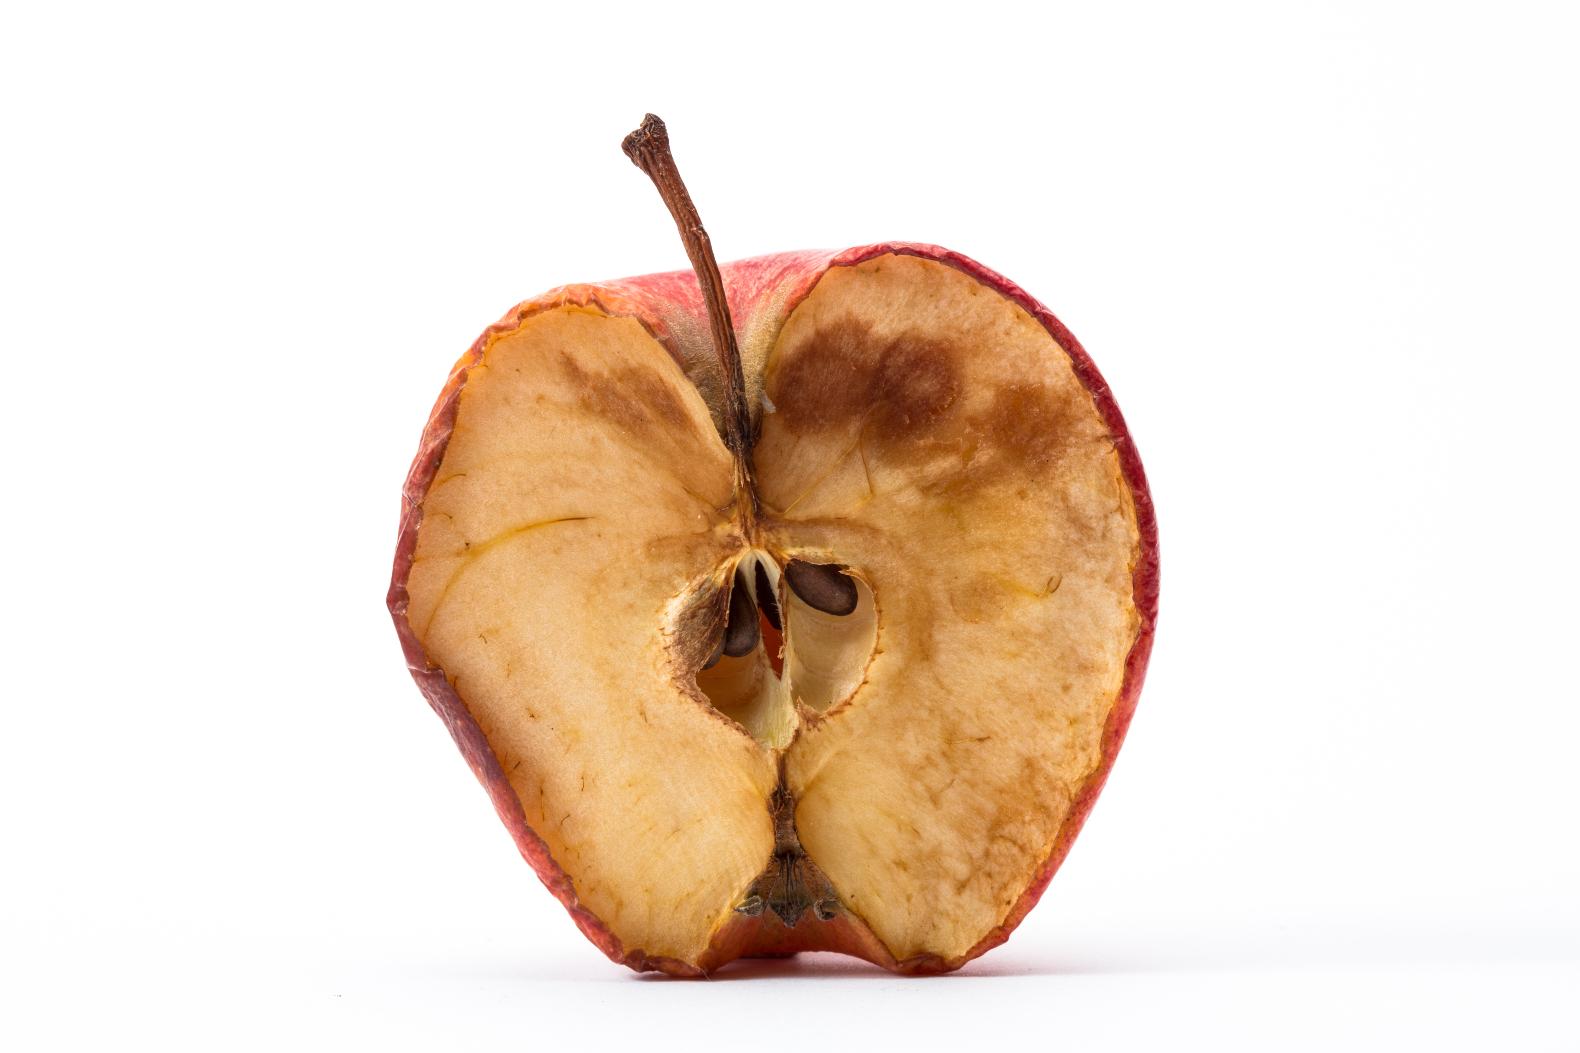 Rotten Apple #108279.